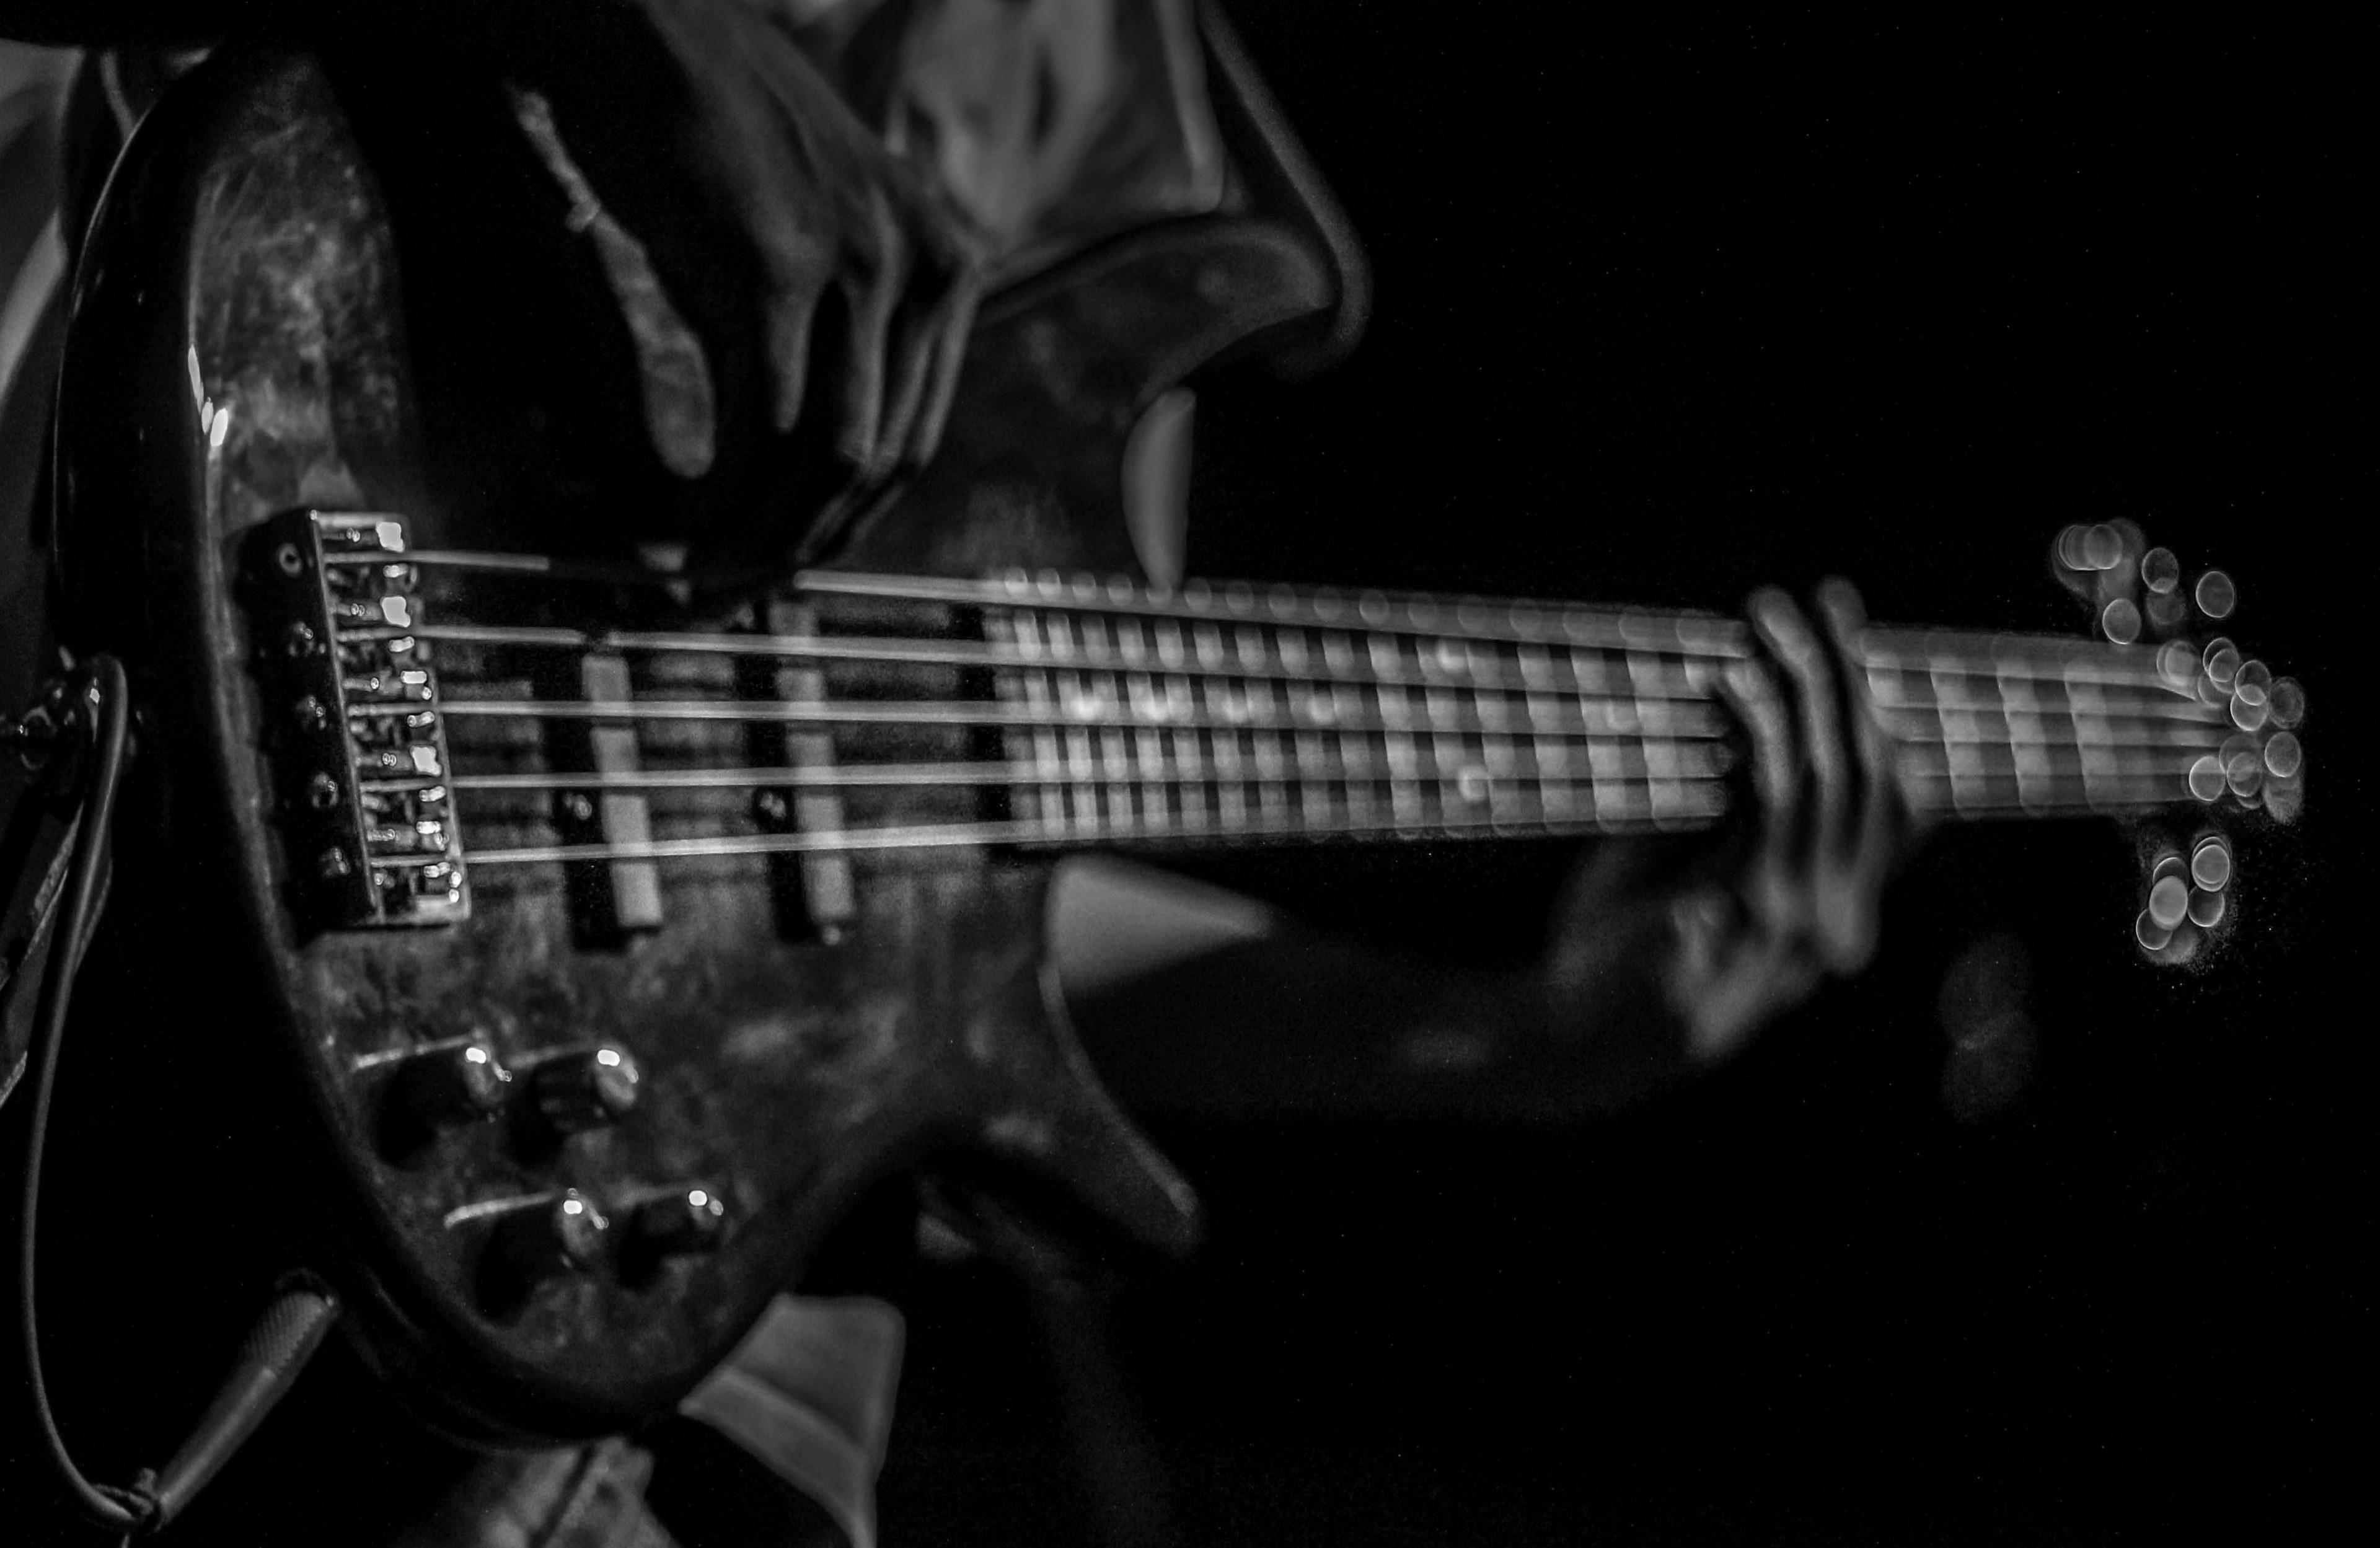 3840x2498 Band Bass Death And Metal Hd 4k Wallpaper Bass